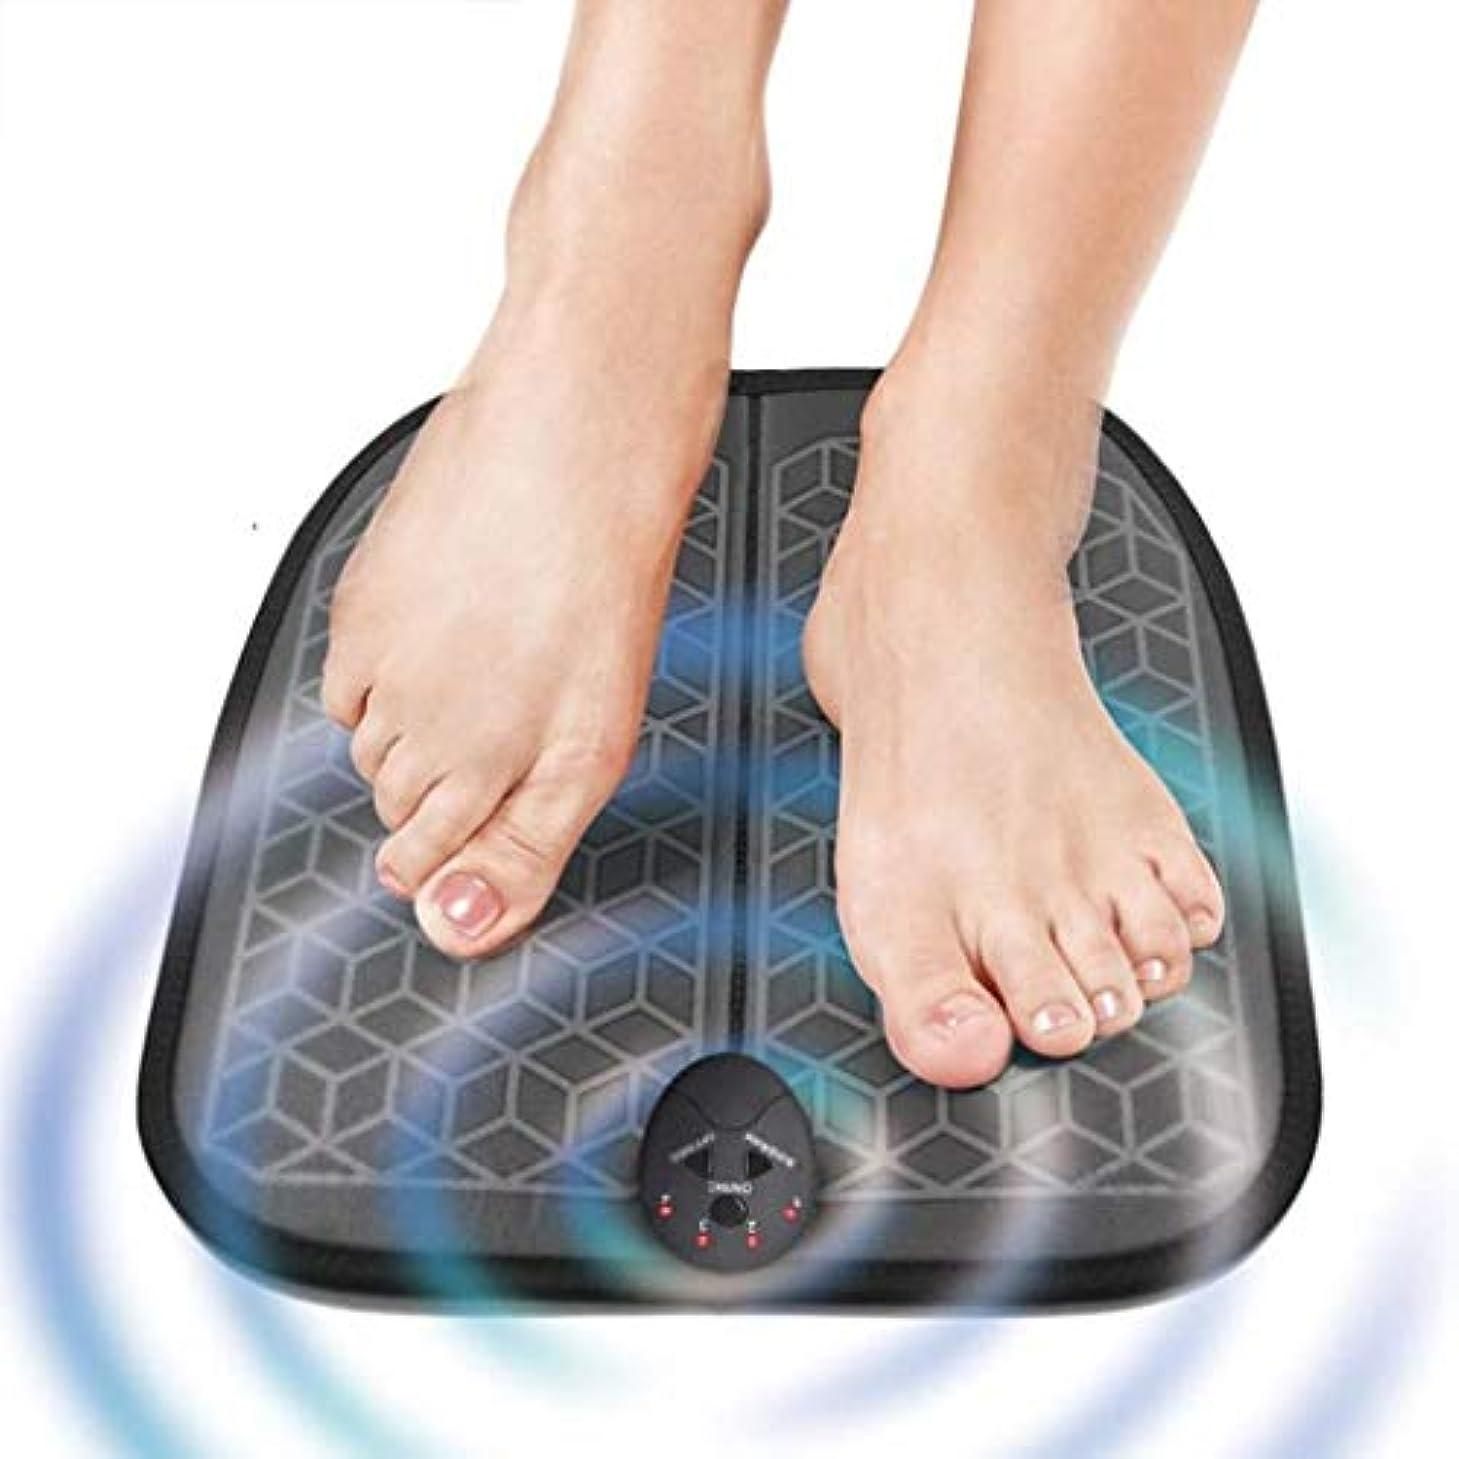 偽善クスコ従来の電動フットマッサージパッド、バッテリー駆動、1?10の強度レベル/ 6つのマッサージモードフットマッサージャー、血行促進/リラックスストレス緩和筋肉痛